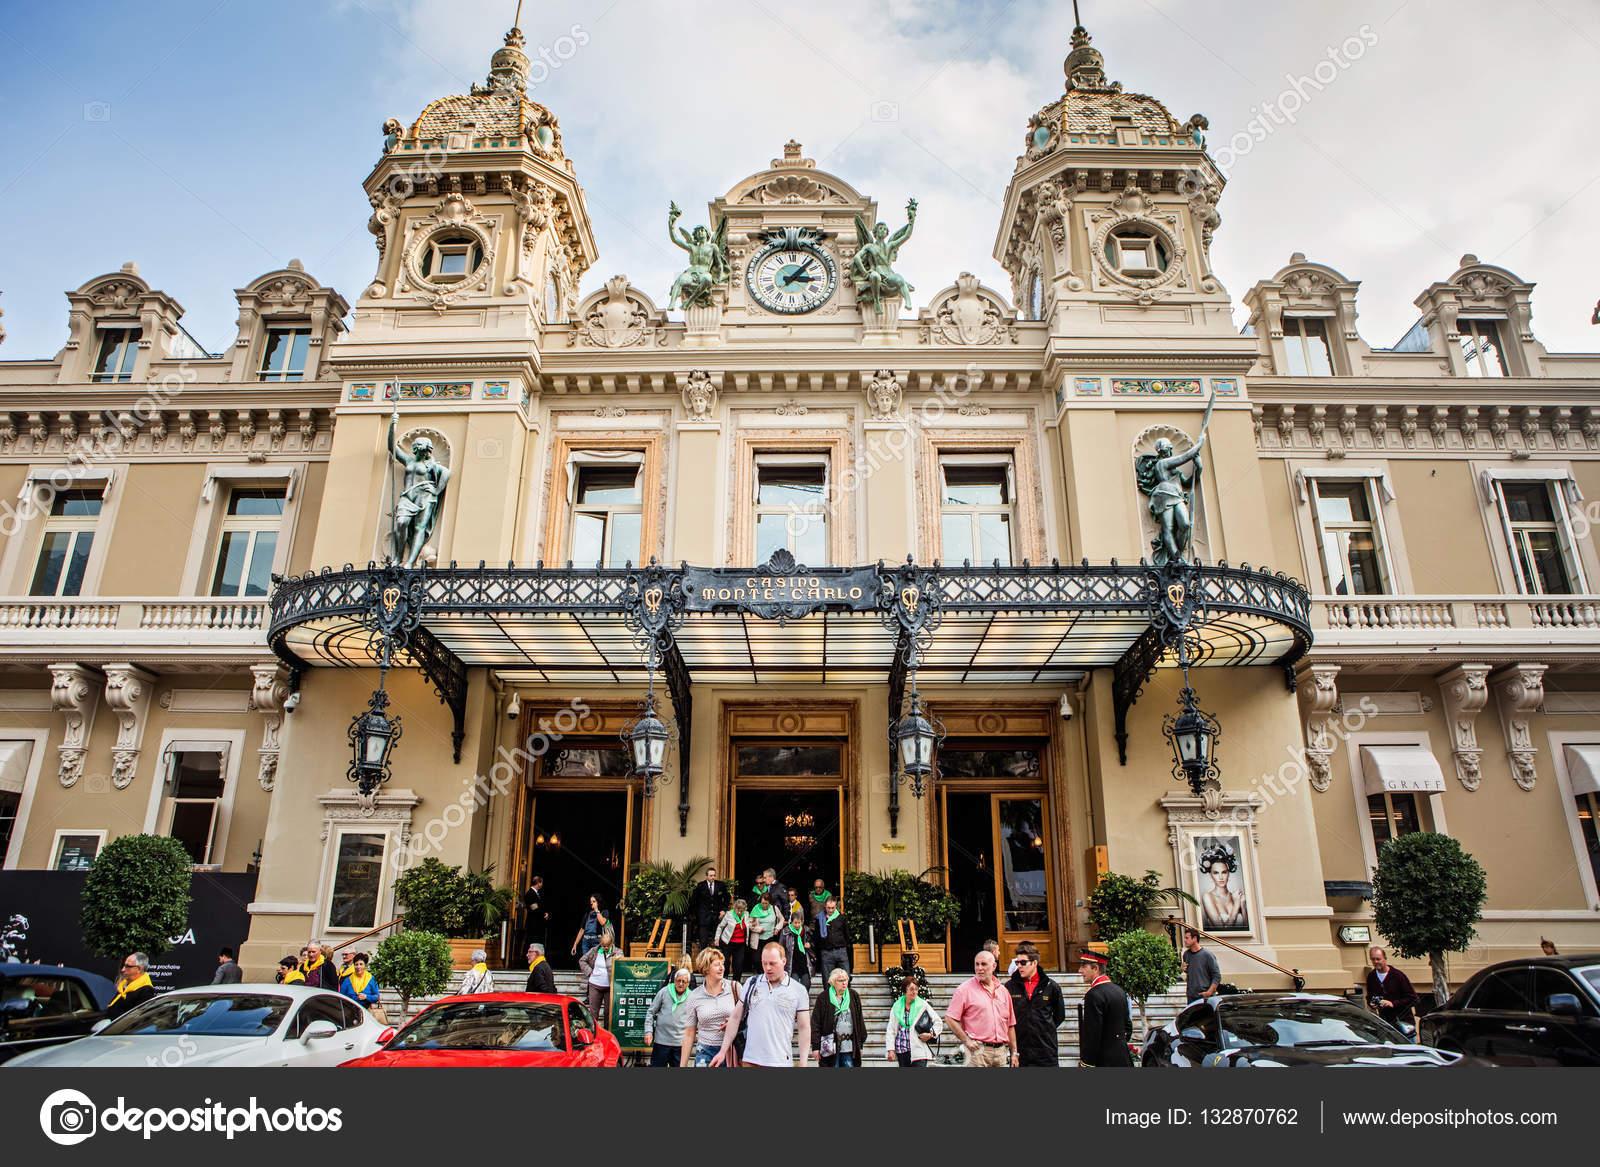 Монако казино как получать деньги Приложение казино вулкан Исянгулово download